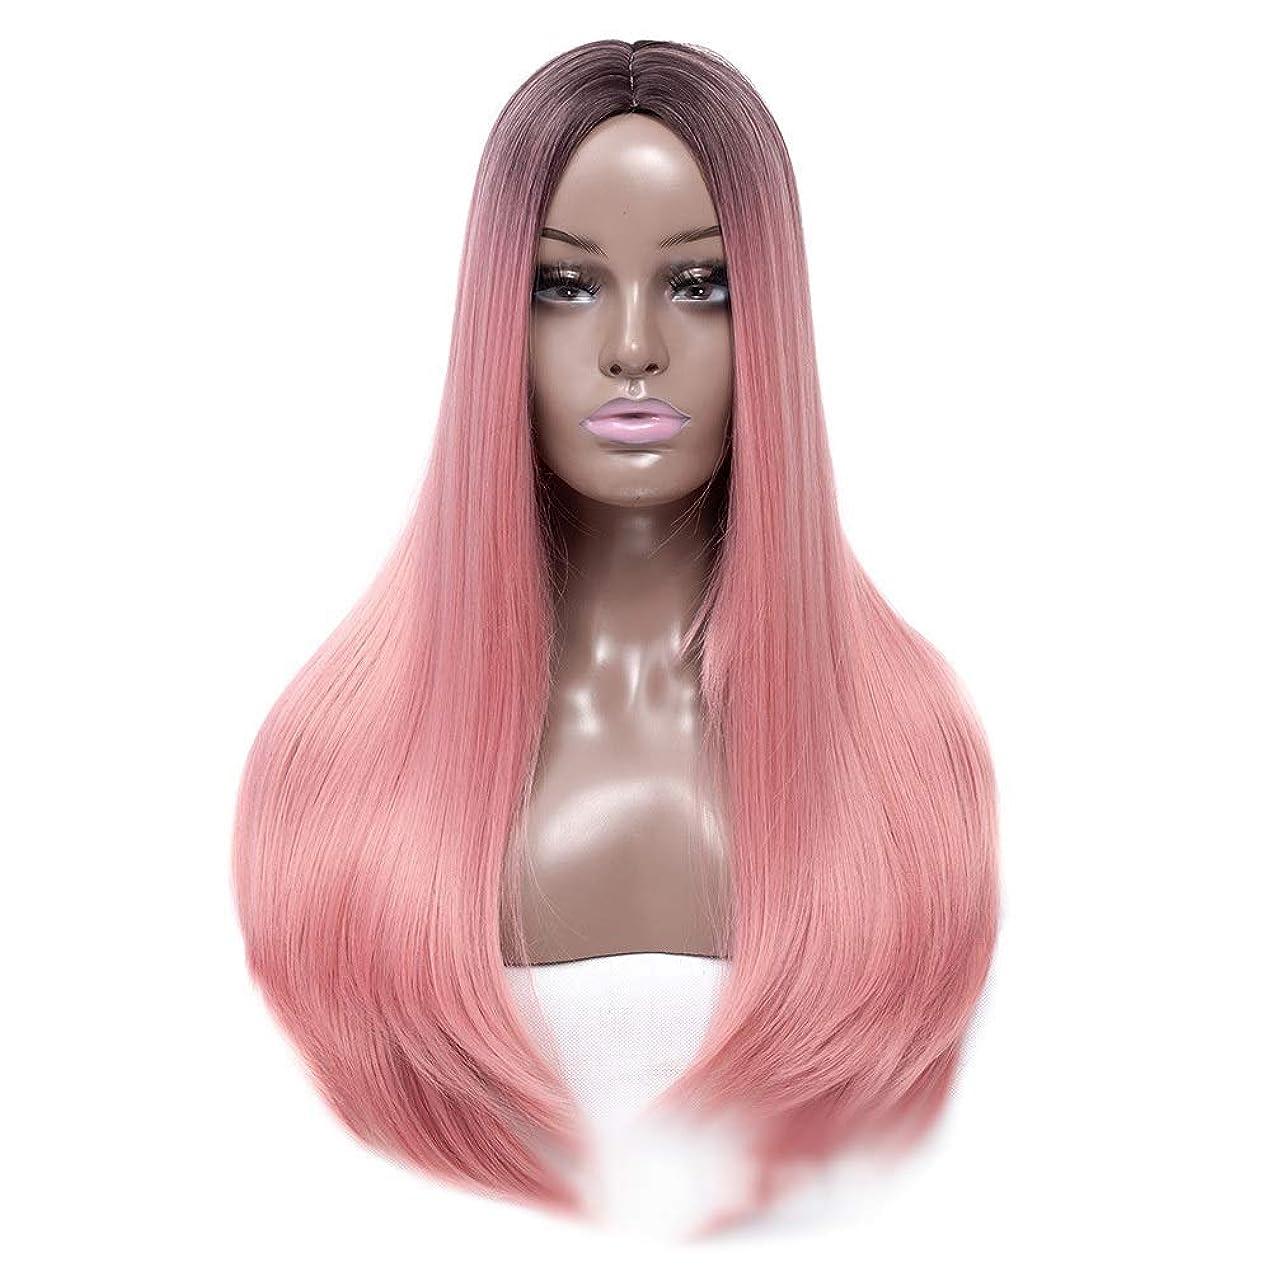 調べる一致であるVergeania 女性のピンクのかつら22インチロングストレートヘアヒートセーフ人工毛ホワイトまたは淡い頭皮のパーティーのかつら (色 : ピンク)